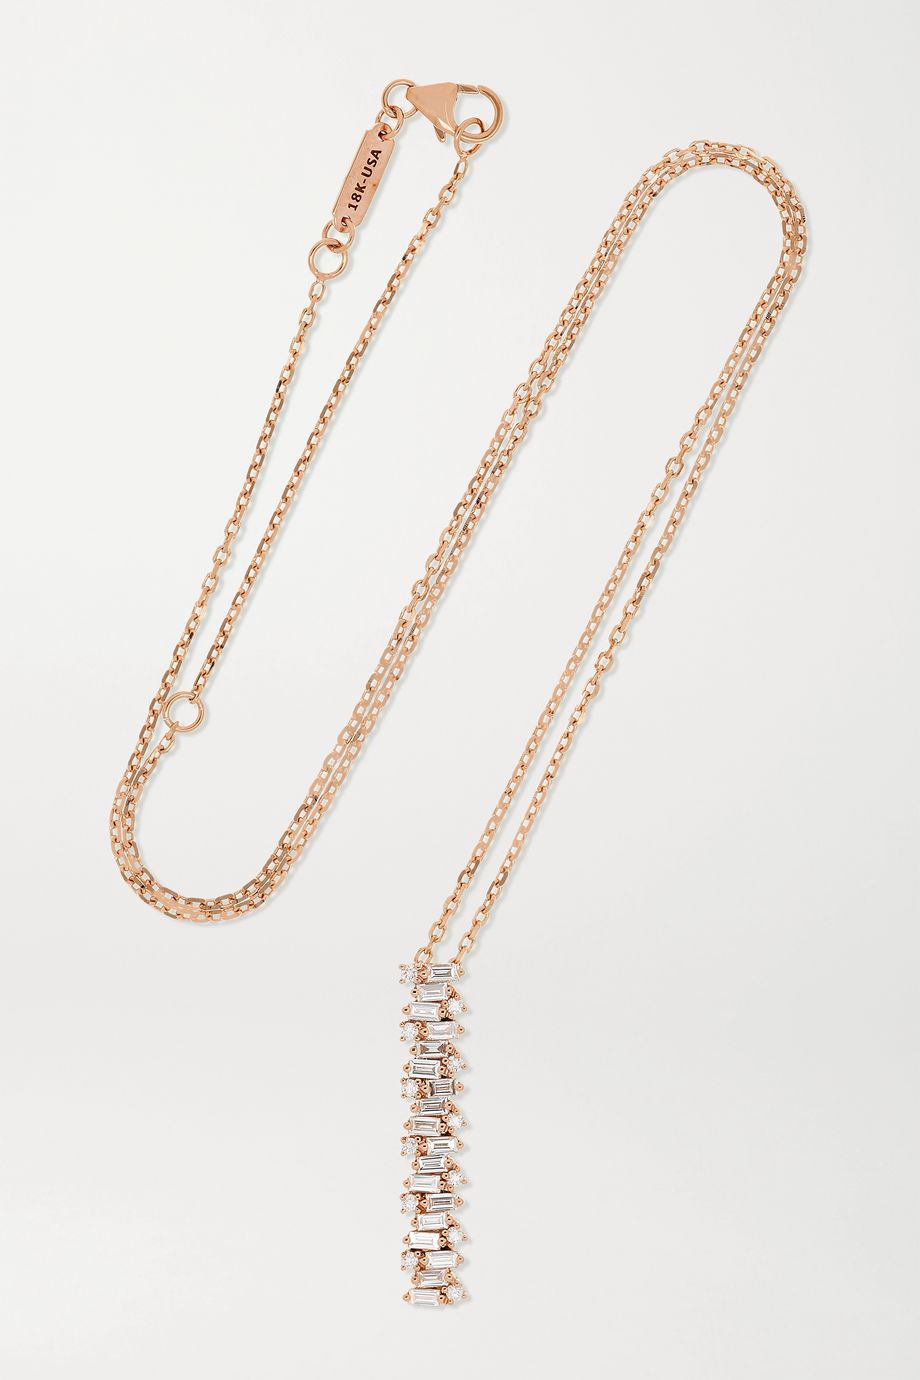 Suzanne Kalan Collier en or rose 18 carats et diamants